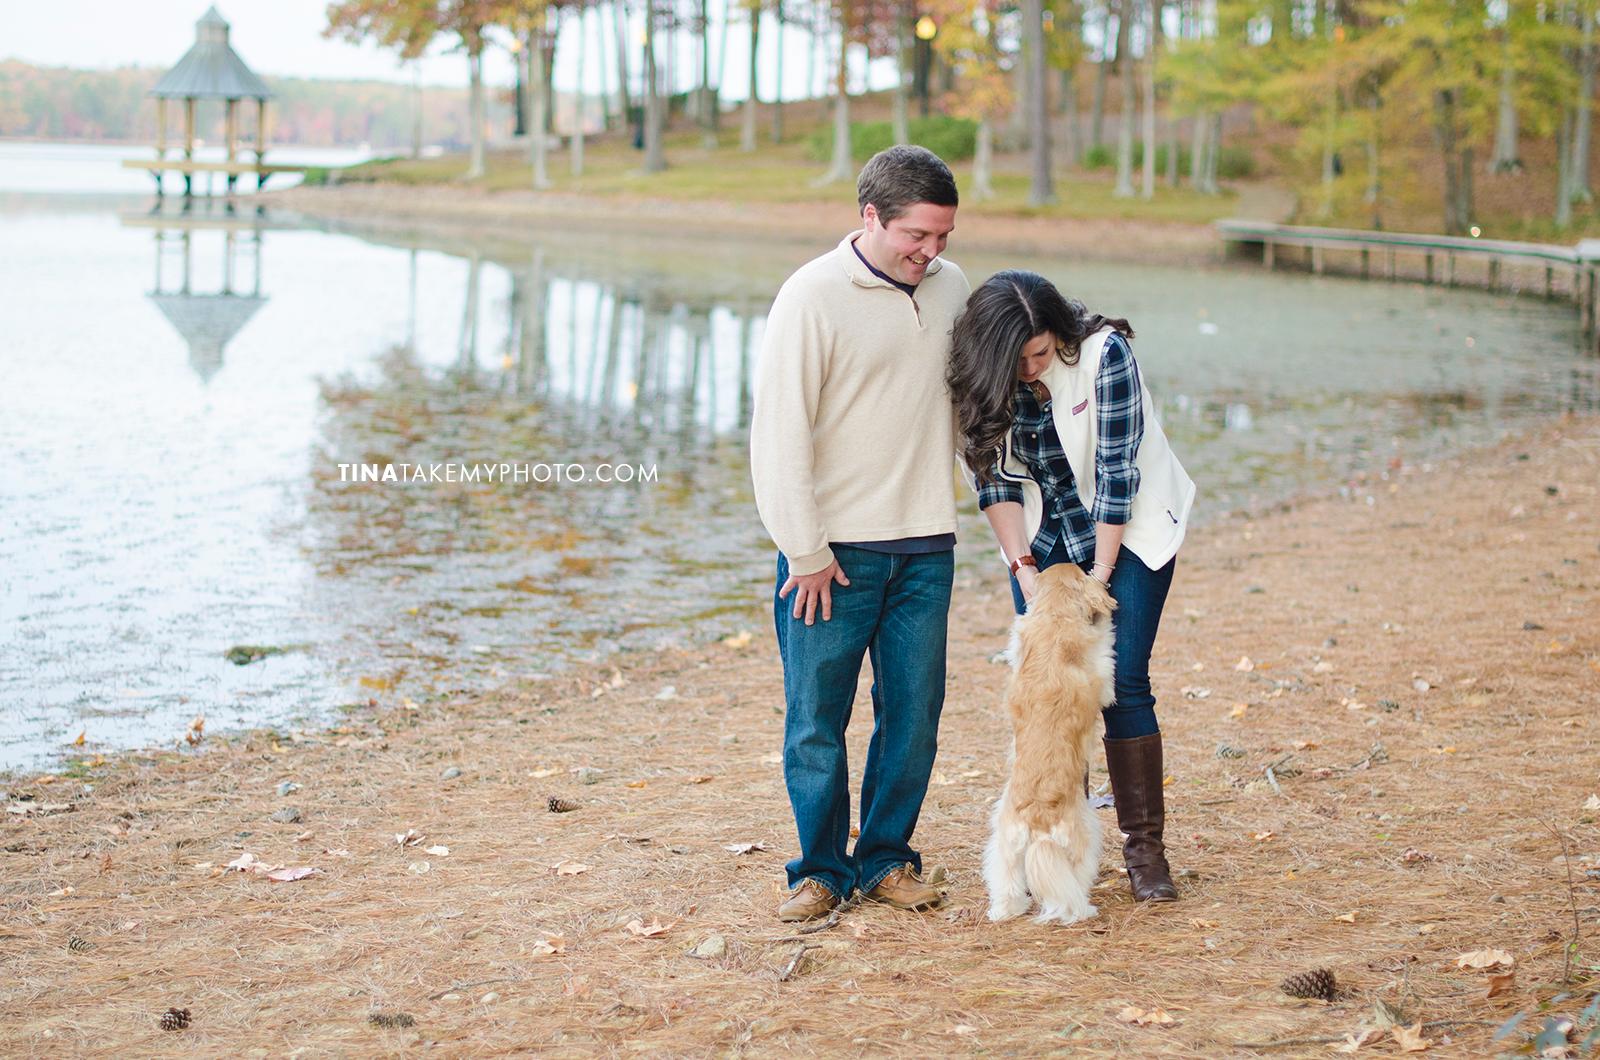 Midlothian-Swift-Creek-Woodlake-Engagement-Photographer-Fall-Woods-Dog (18)